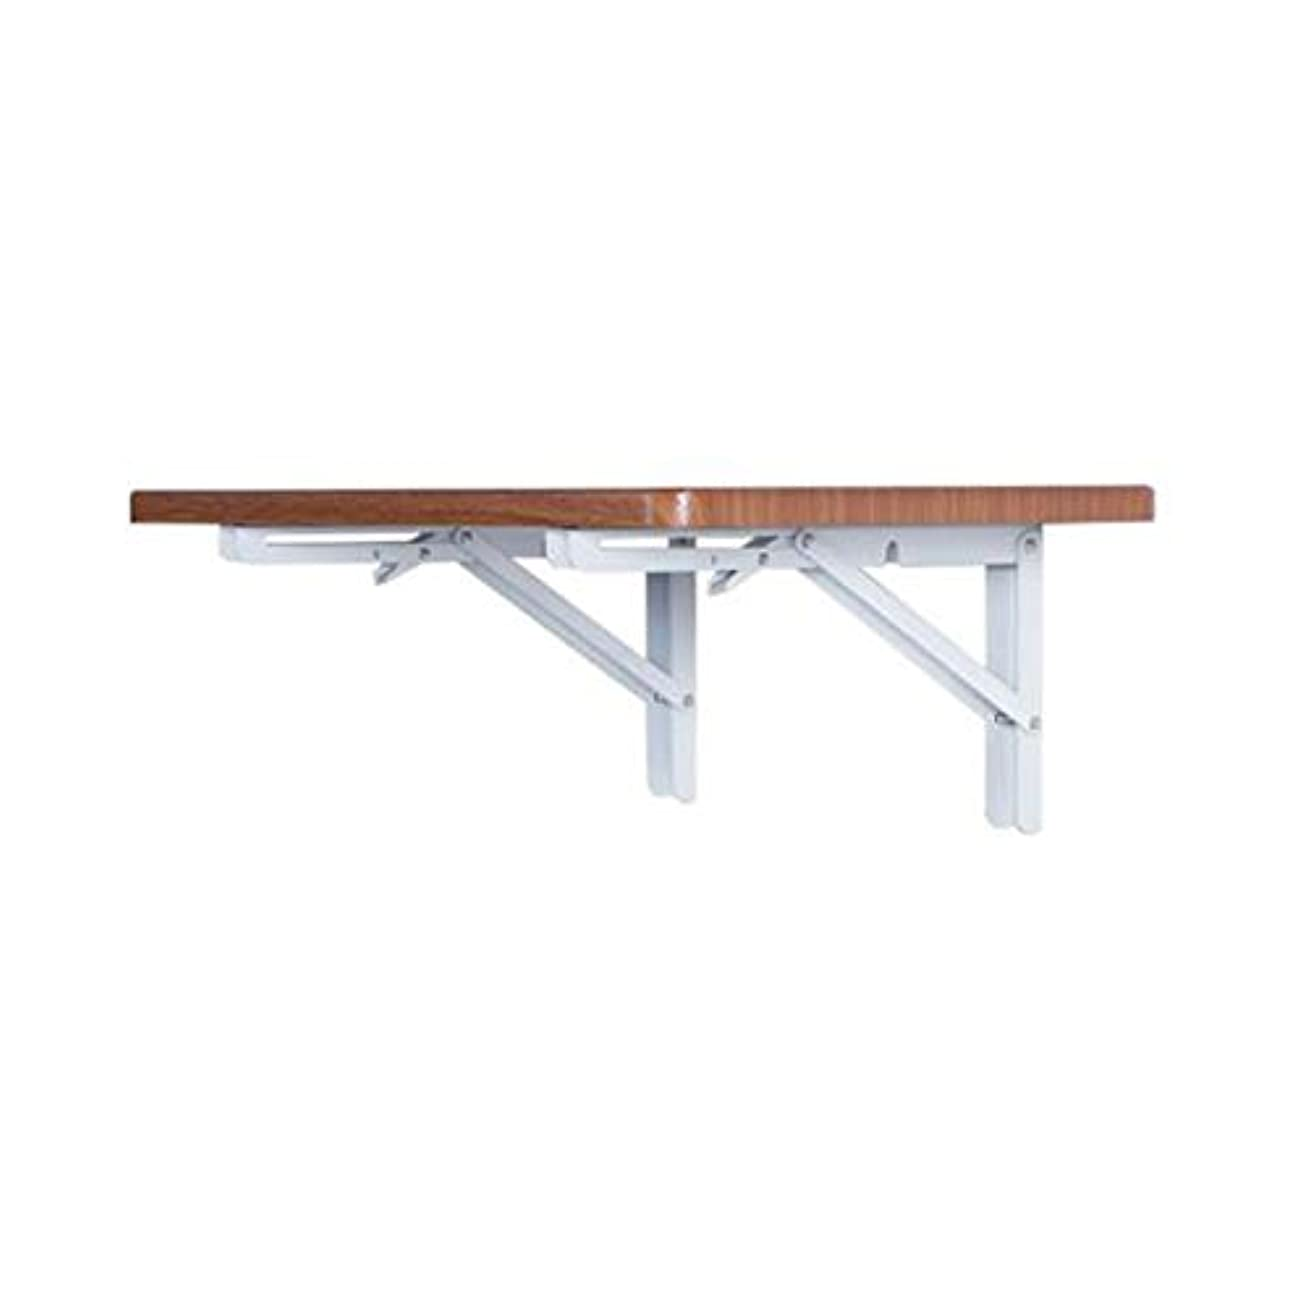 デザートタフ悲観的CJC テーブル 表 折りたたみ 木製 壁掛け式 ドロップリーフ 机 キッチン ダイニング 壁 デコレーション 多機能 スペース 保存中 (色 : Deep walnut)